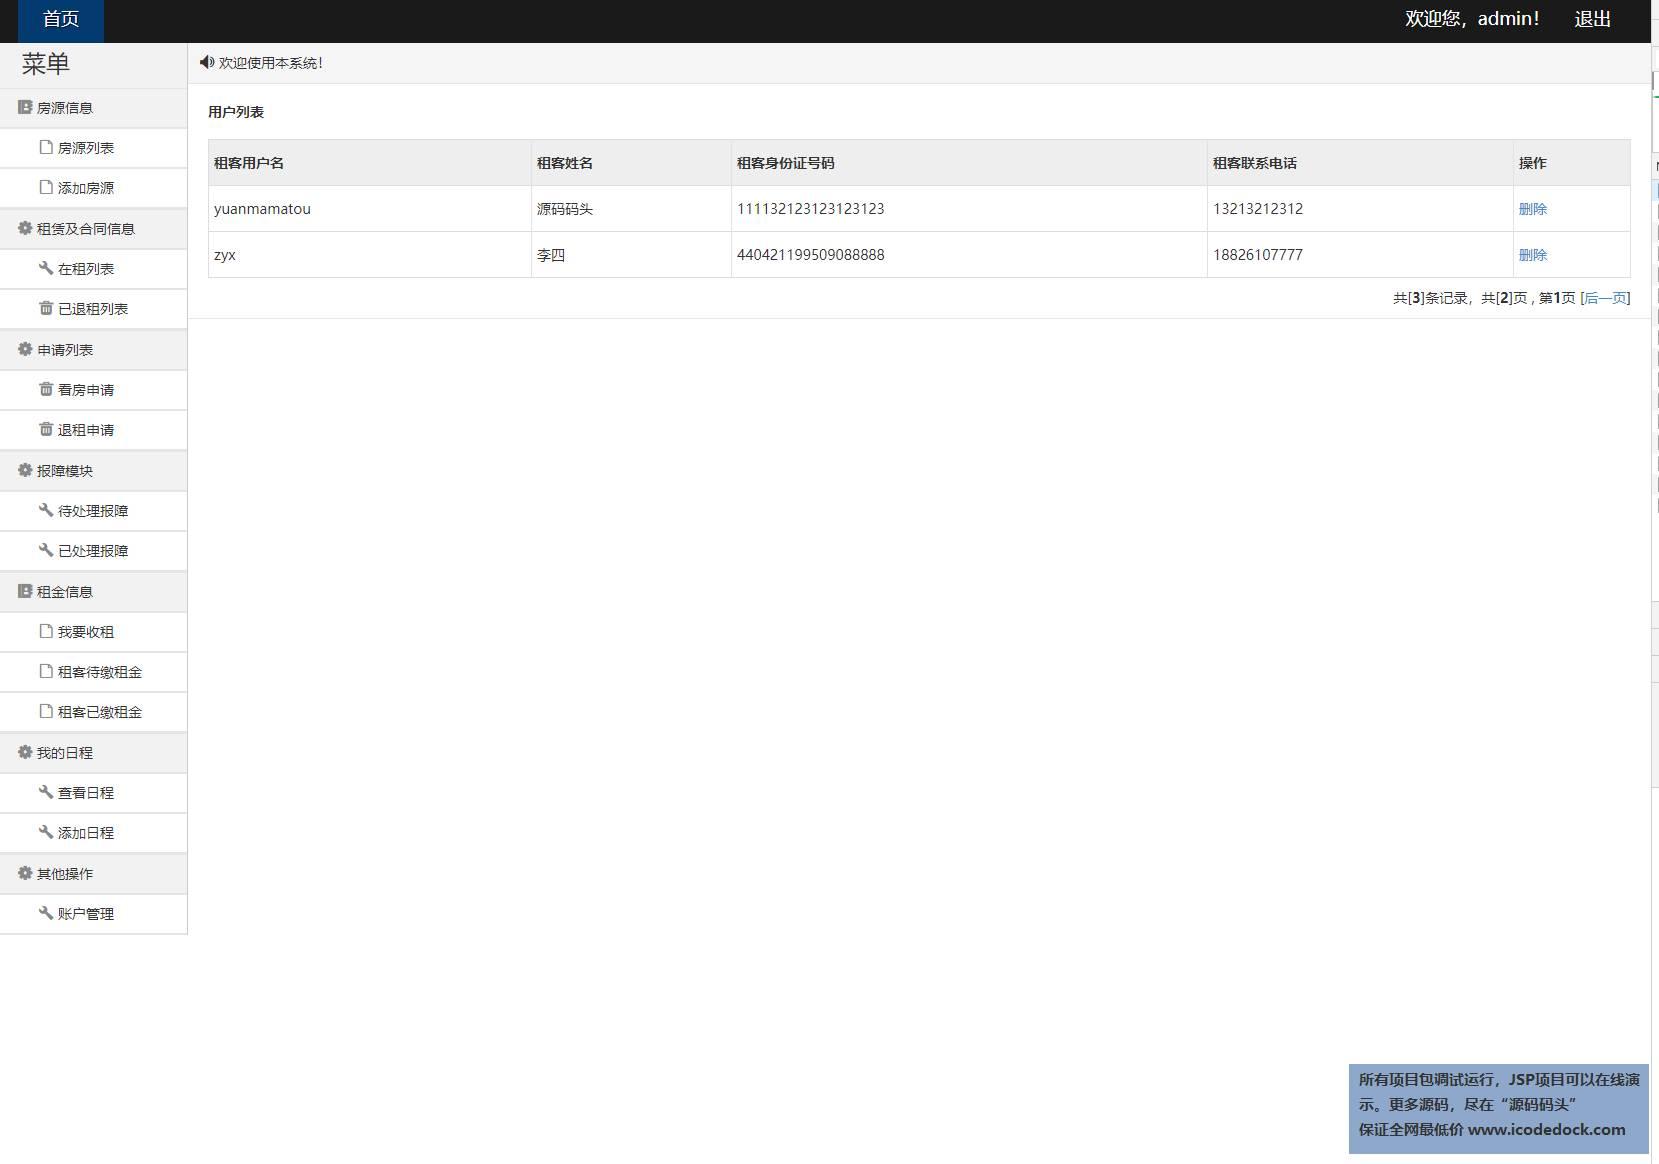 源码码头-SSM房屋租赁管理系统-管理员角色-账户管理